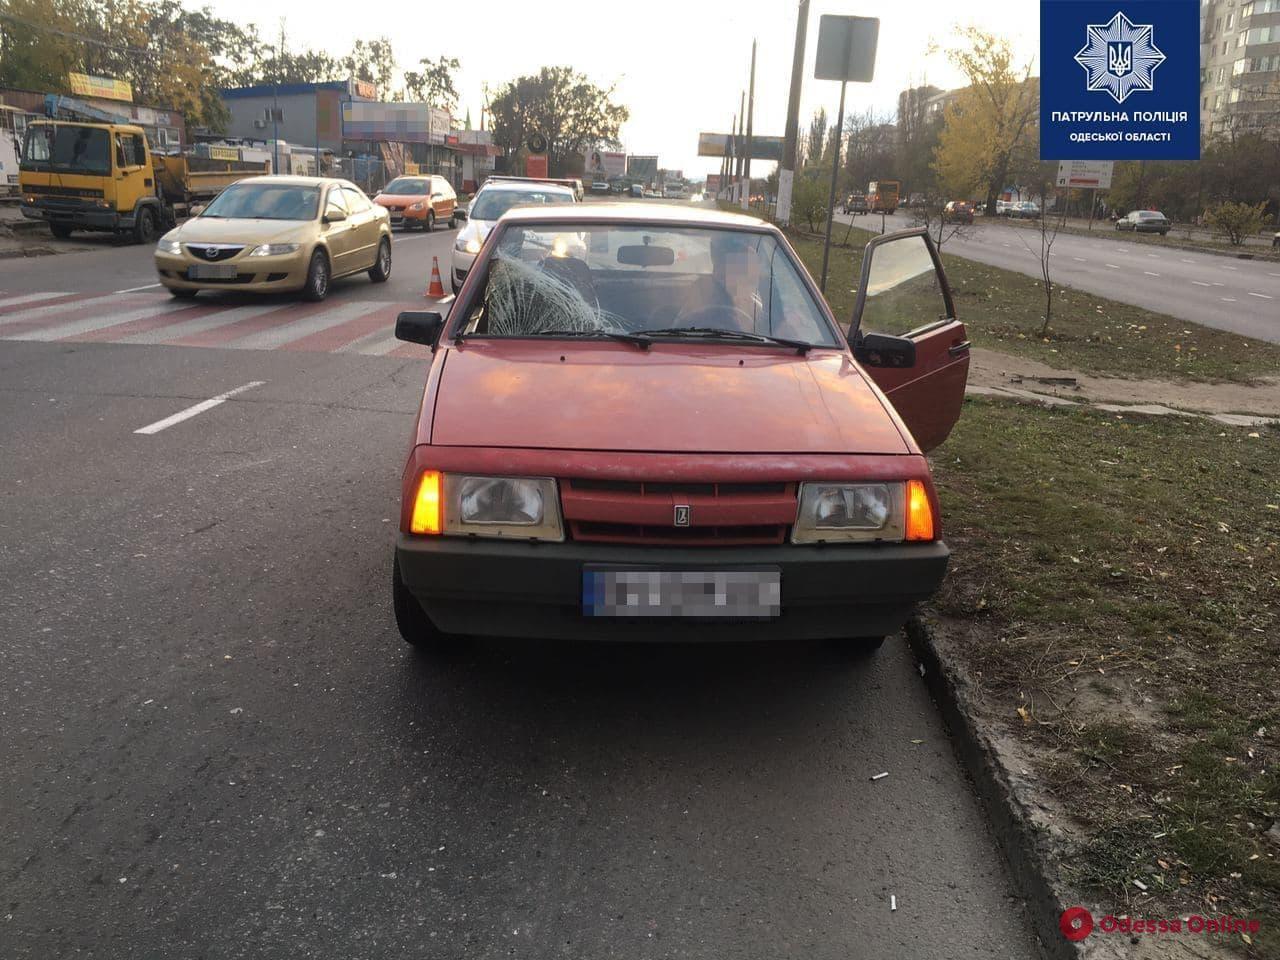 На поселке Котовского ВАЗ сбил мужчину на пешеходном переходе